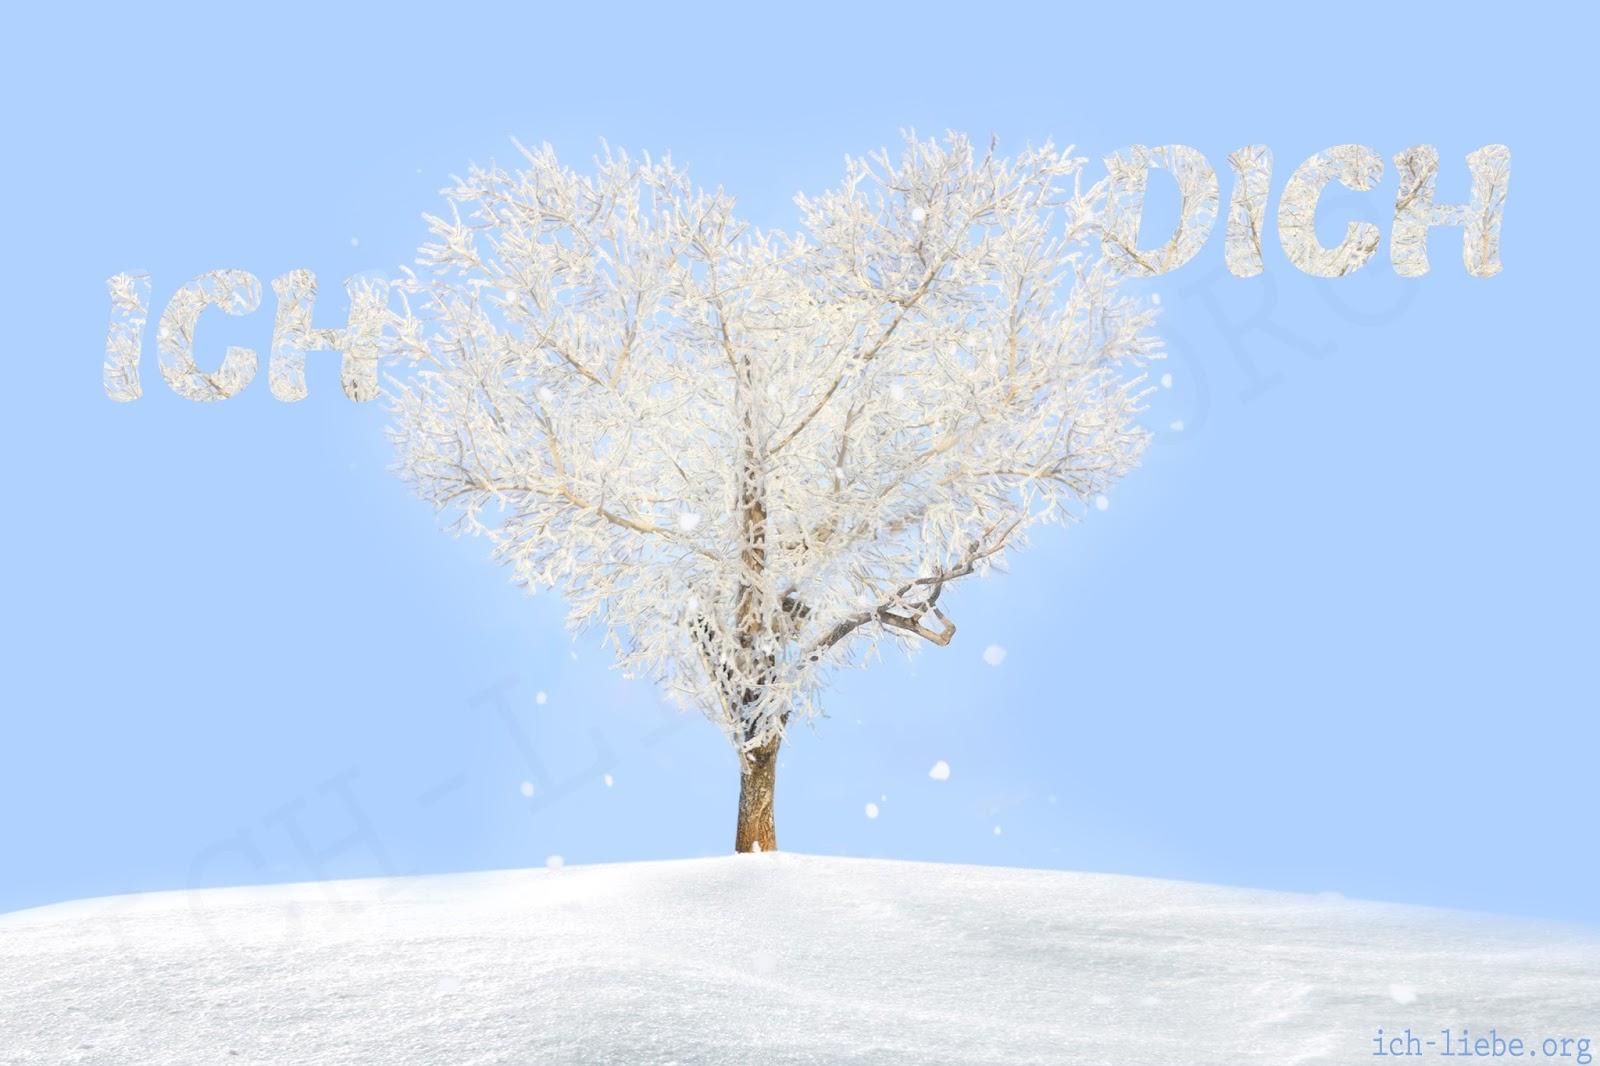 ich liebe dich, liebesbilder, herz, weiss, schnee, baum